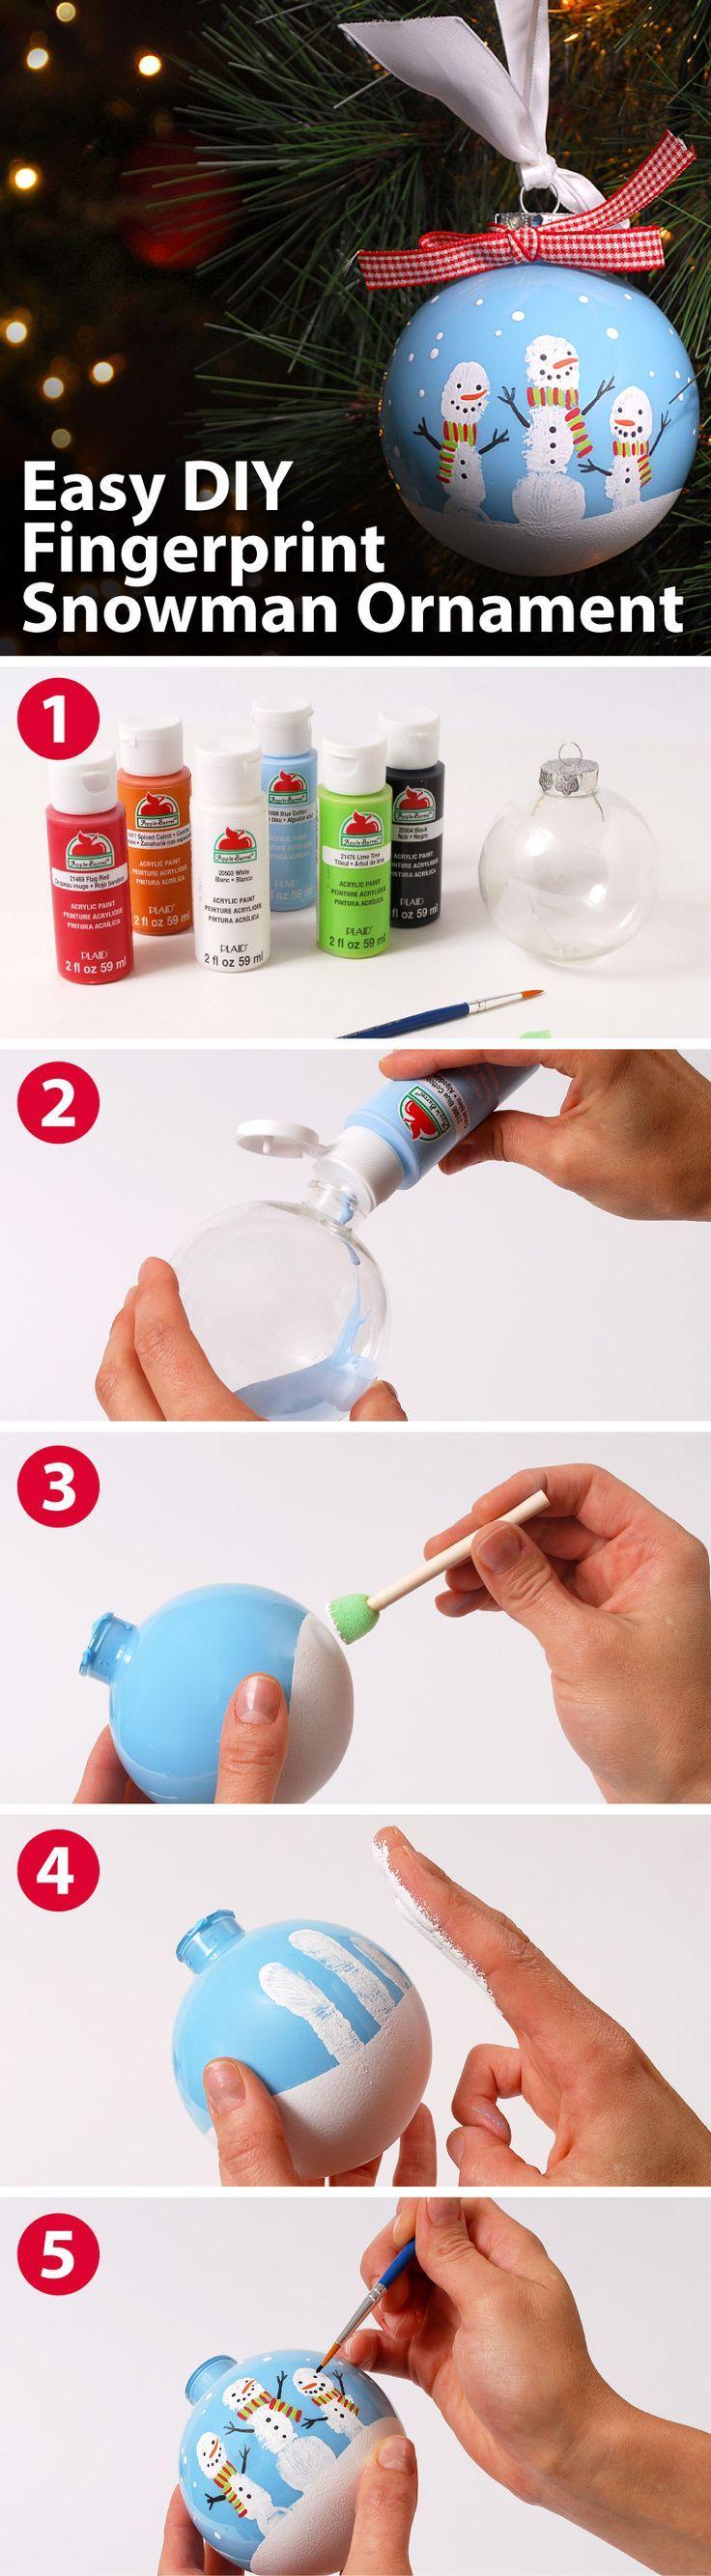 Buscando un fácil Artesanía de vacaciones que usted puede hacer con sus hijos?  Pruebe esta huella digital DIY muñeco de nieve del ornamento.  Todos los productos están disponibles en Walmart .: